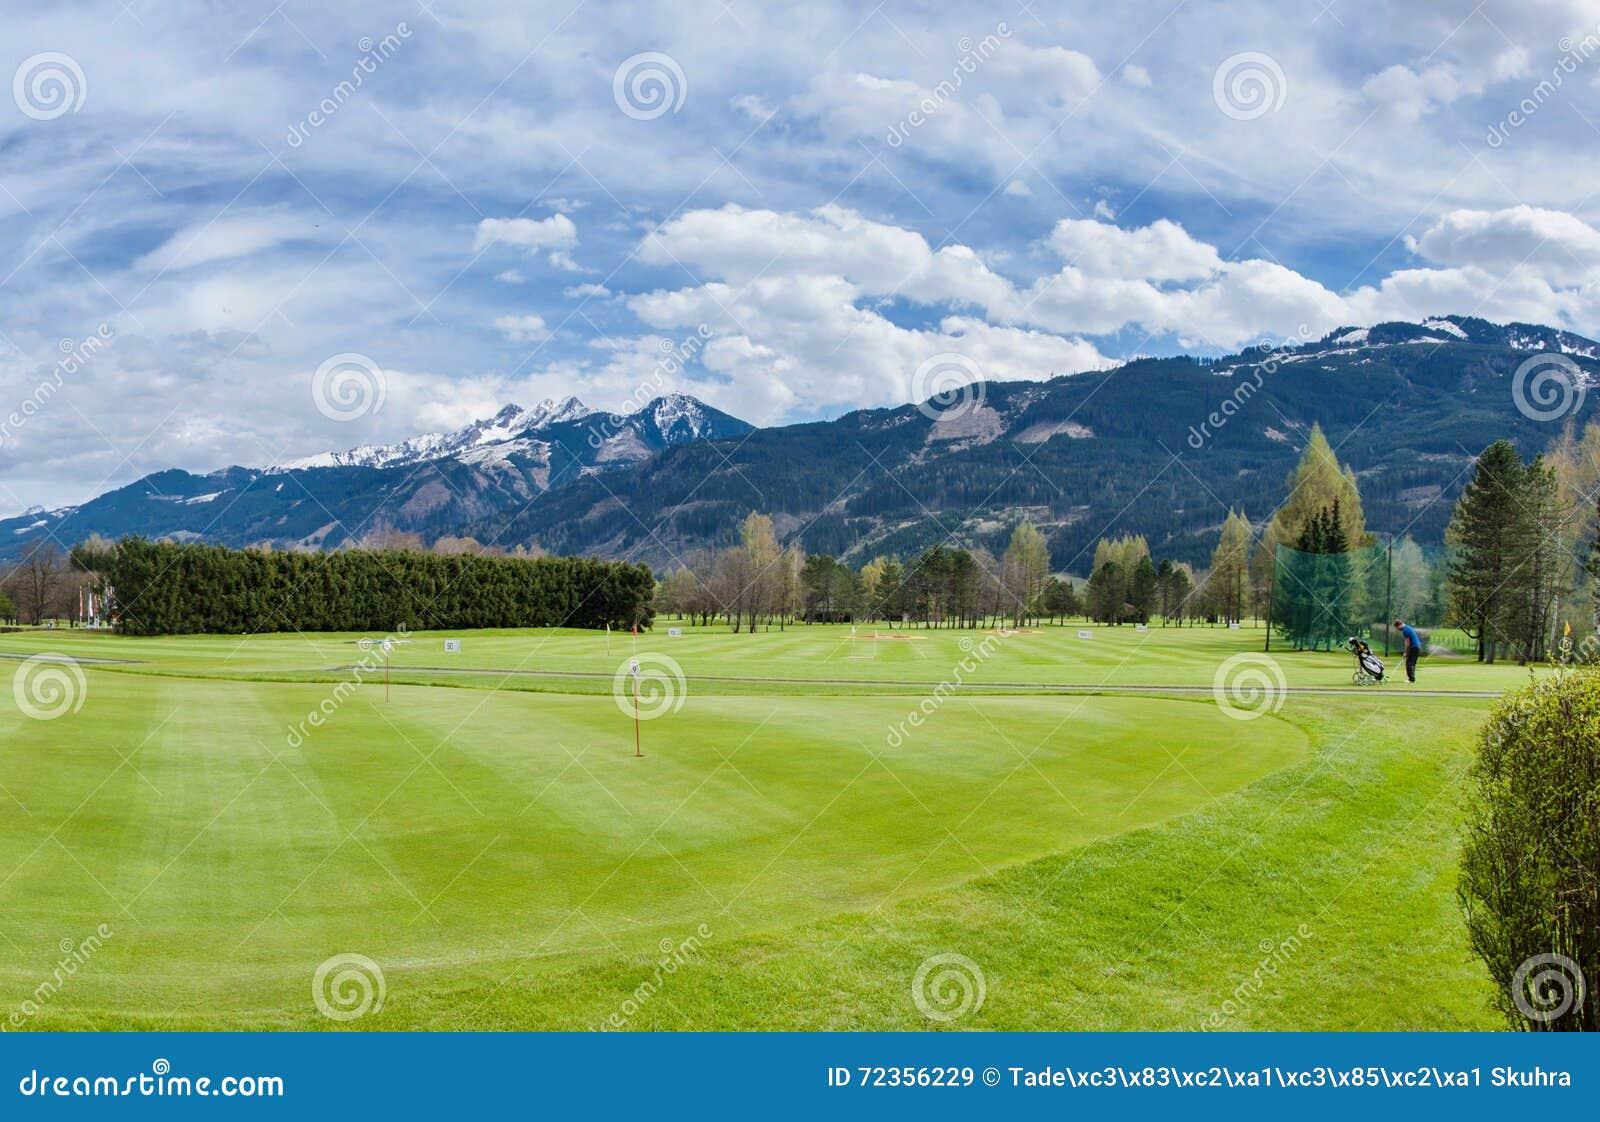 Golfplatz mit Spielern